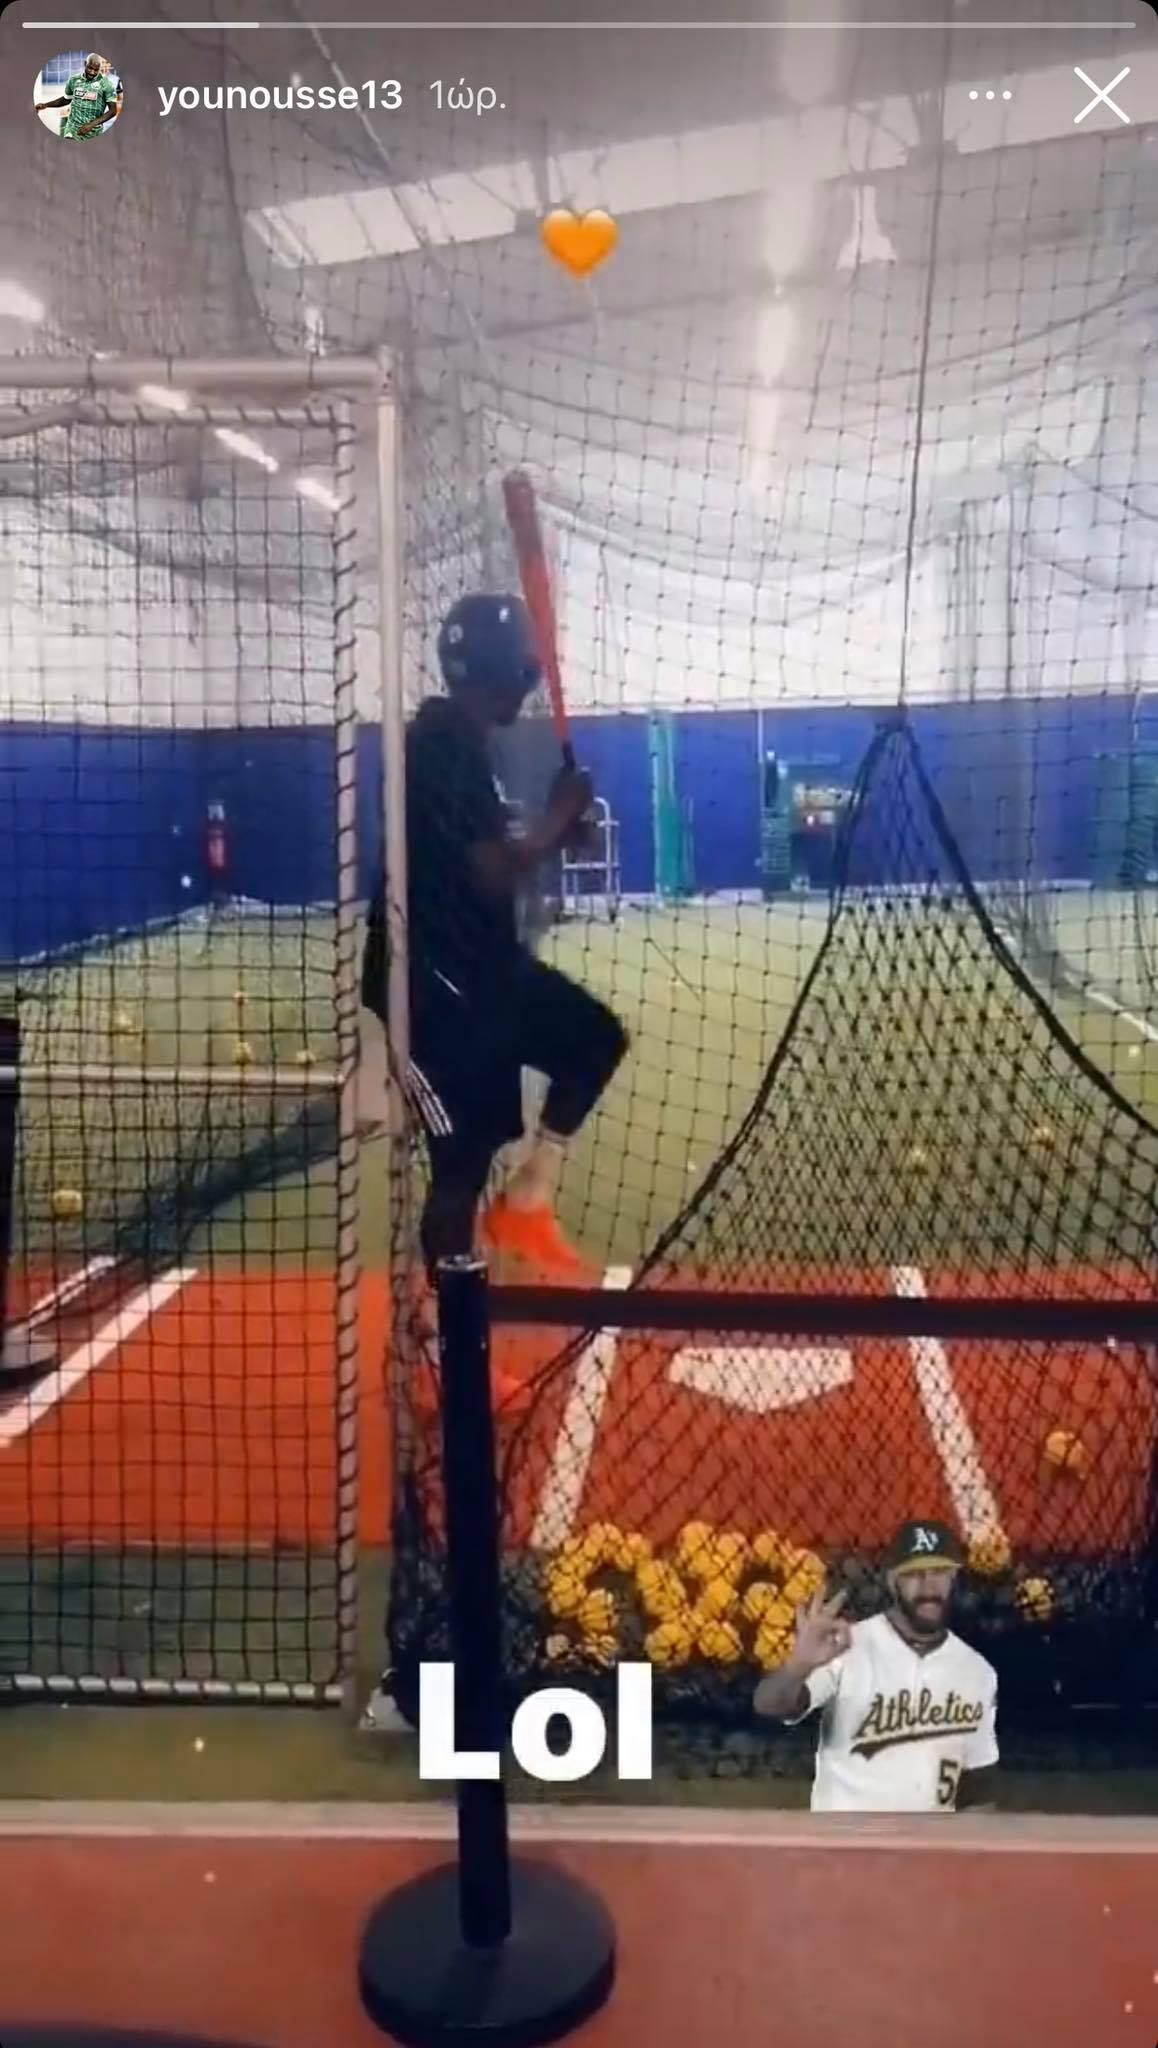 Μαθαίνει μπέιζμπολ ο Σανκαρέ! (pic)